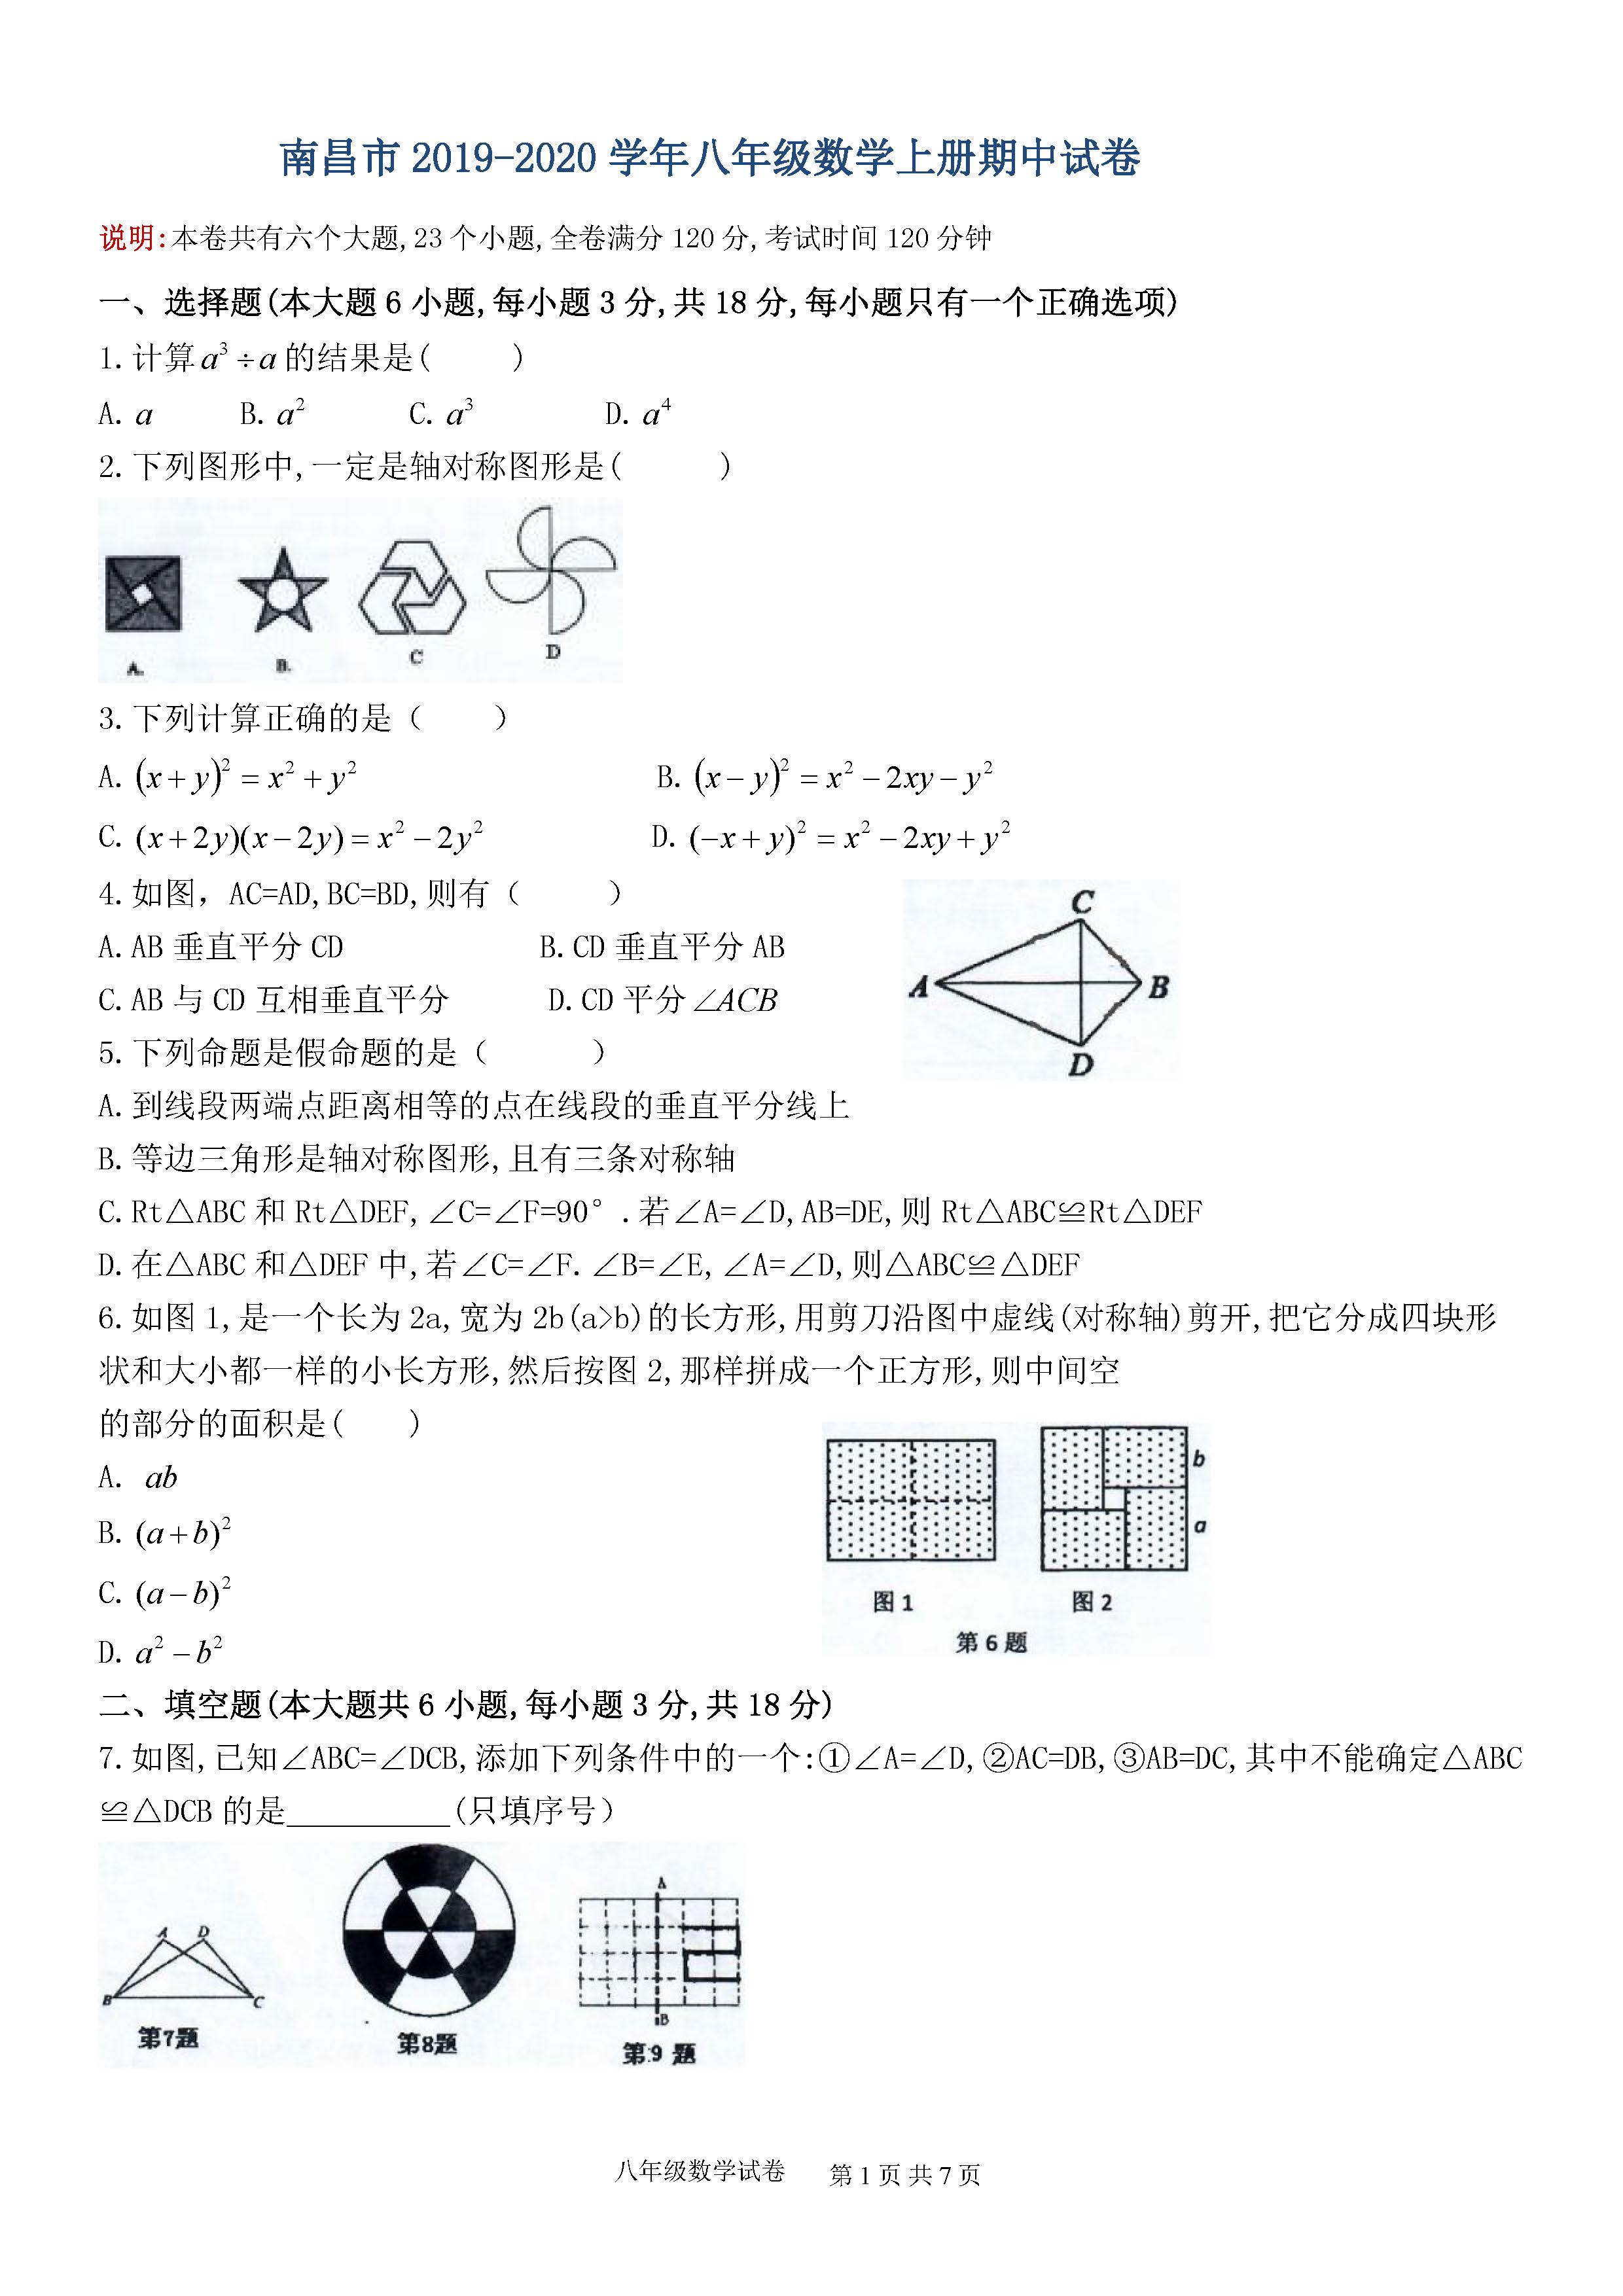 江西南昌市2019-2020初二年级数学上期中试题无答案